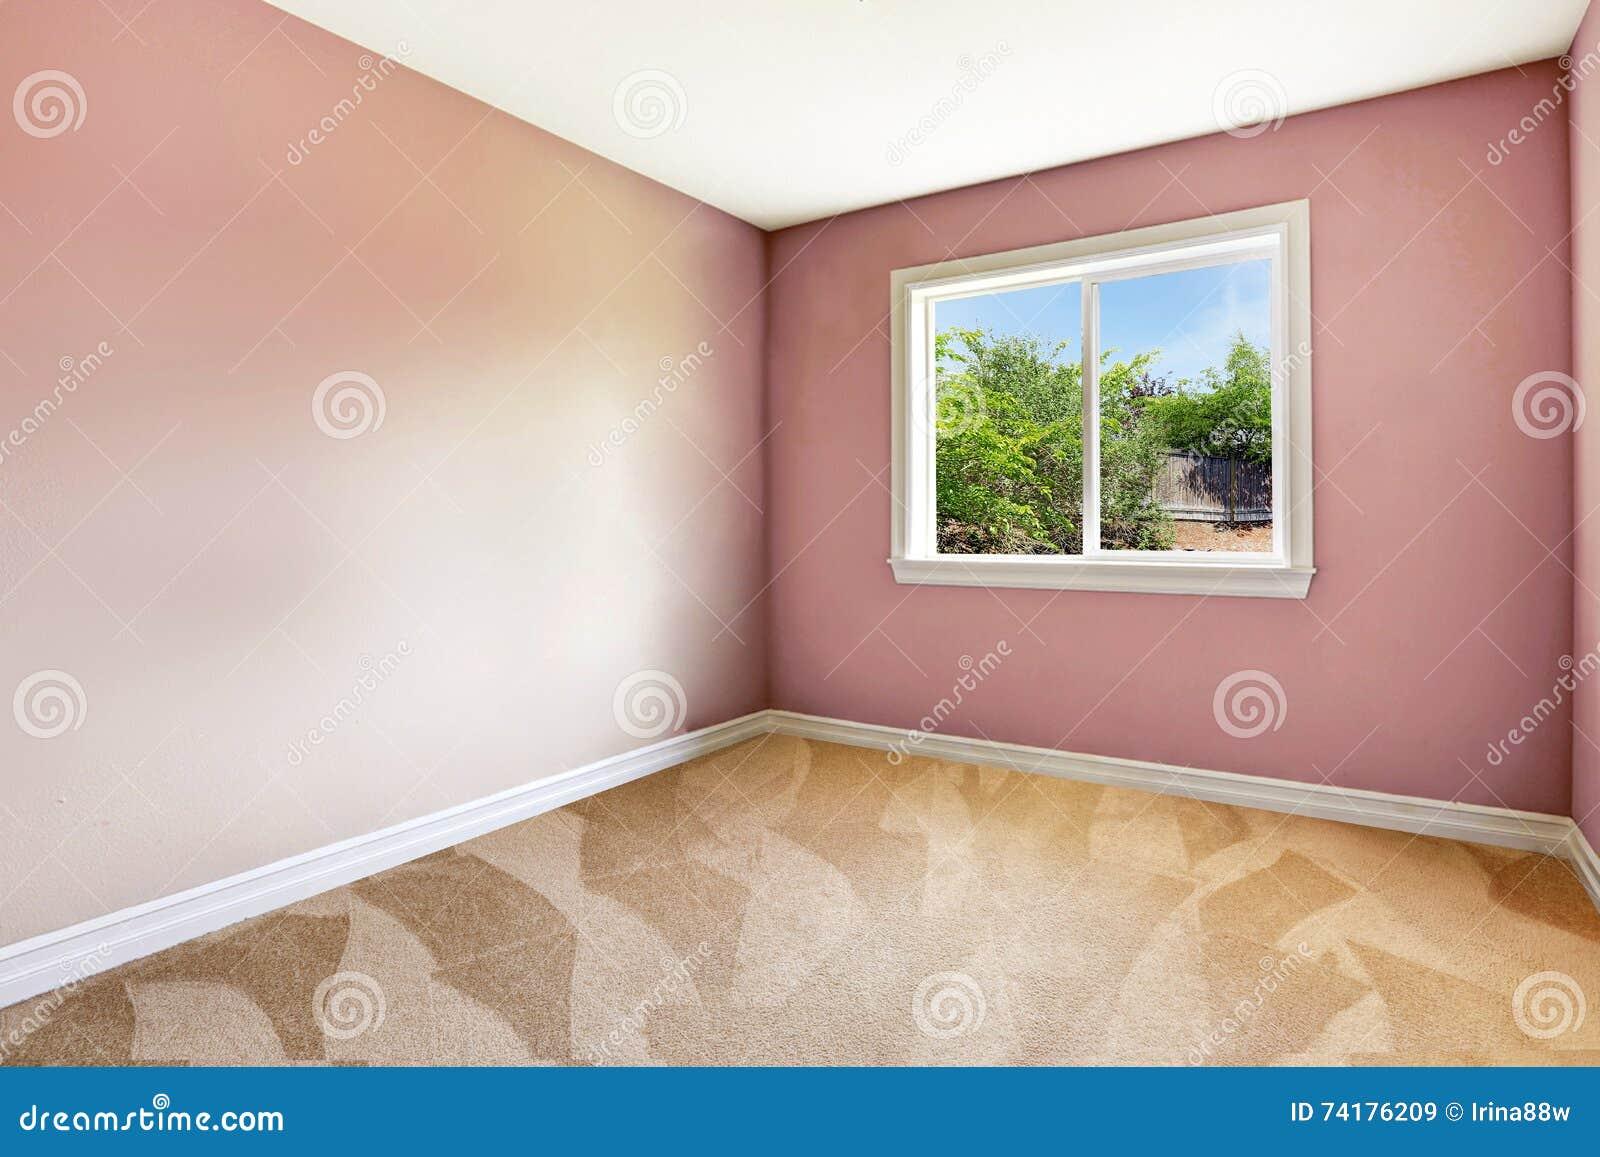 Sala Vazia Brilhante Com Uma Janela Assoalho De Tapete E As Paredes  -> Tapetes Para Sala Clara